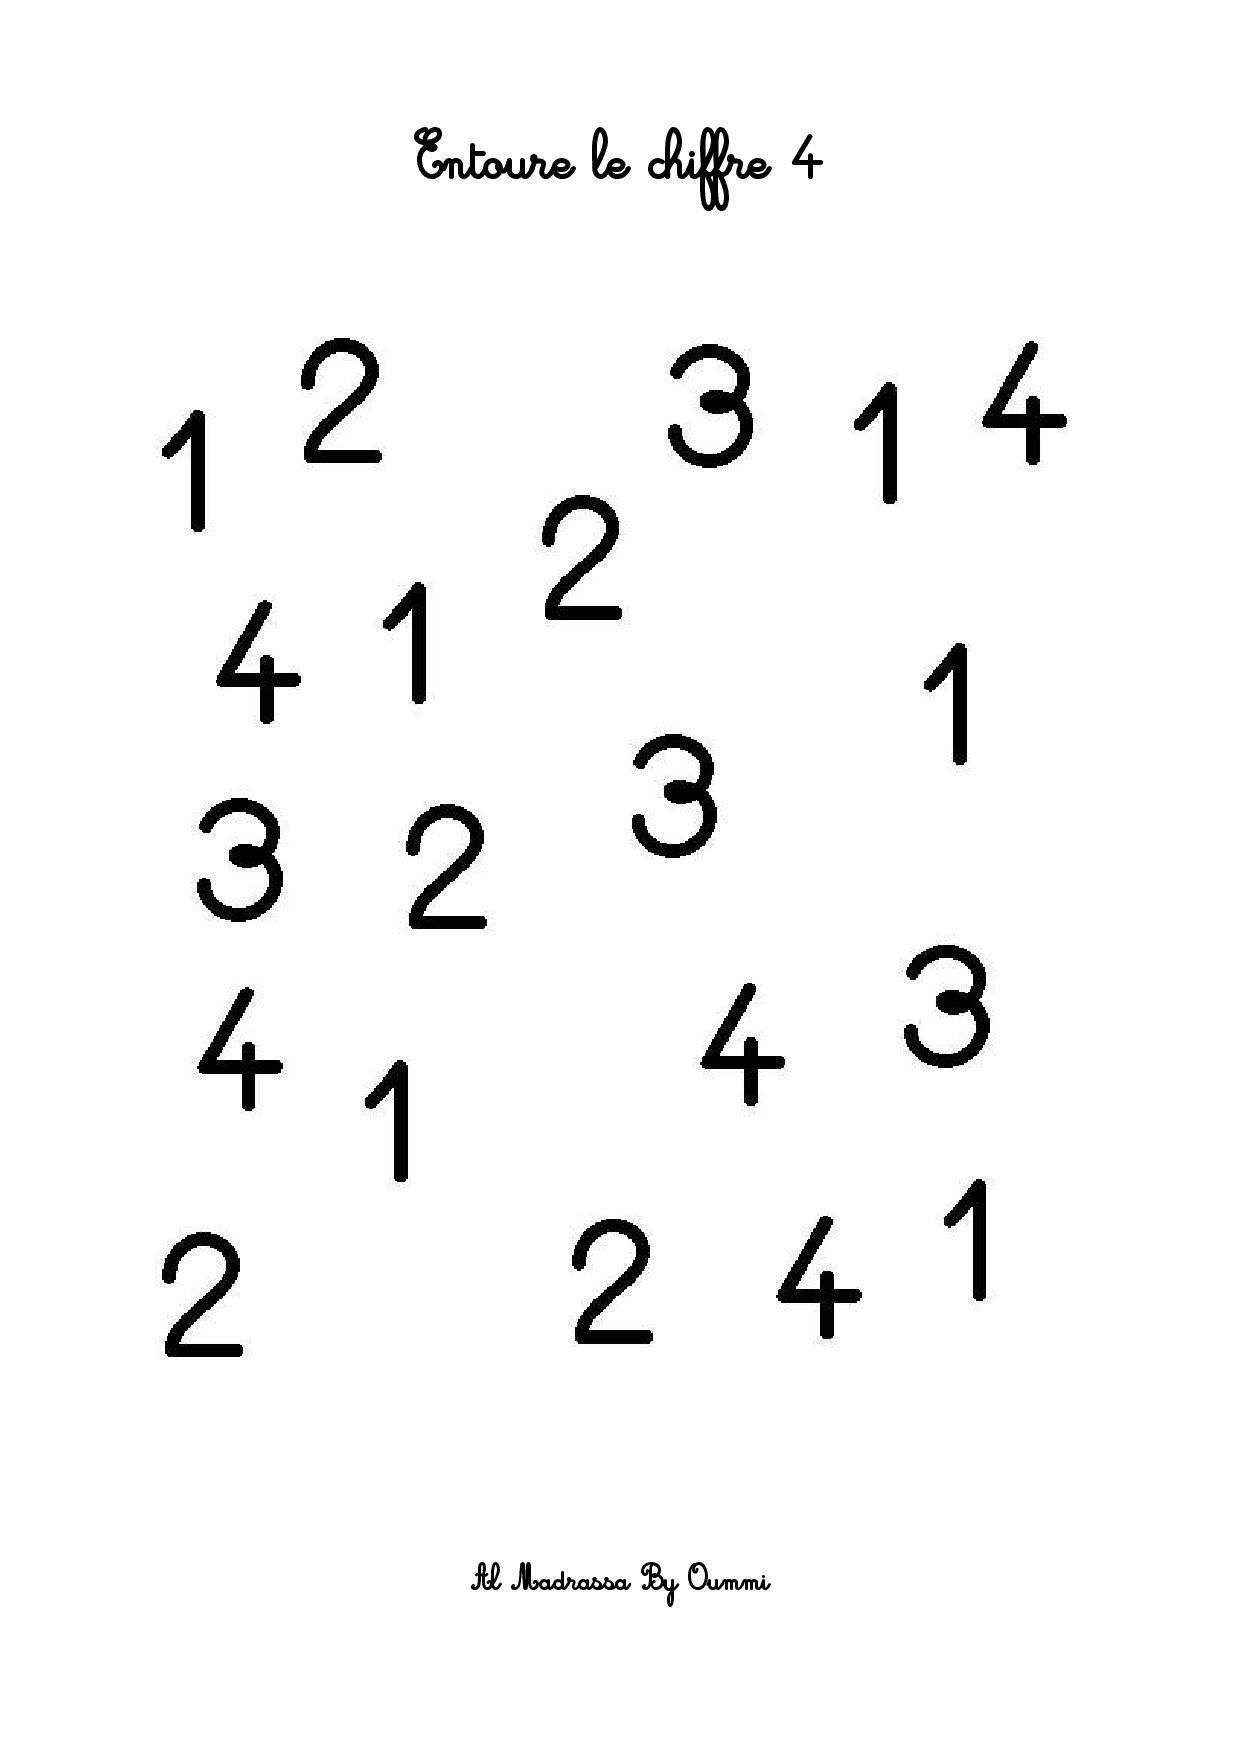 Image Du Blog Cheznounoucricri.centerblog | Mathematique encequiconcerne Jeux Educatif Maternelle Moyenne Section